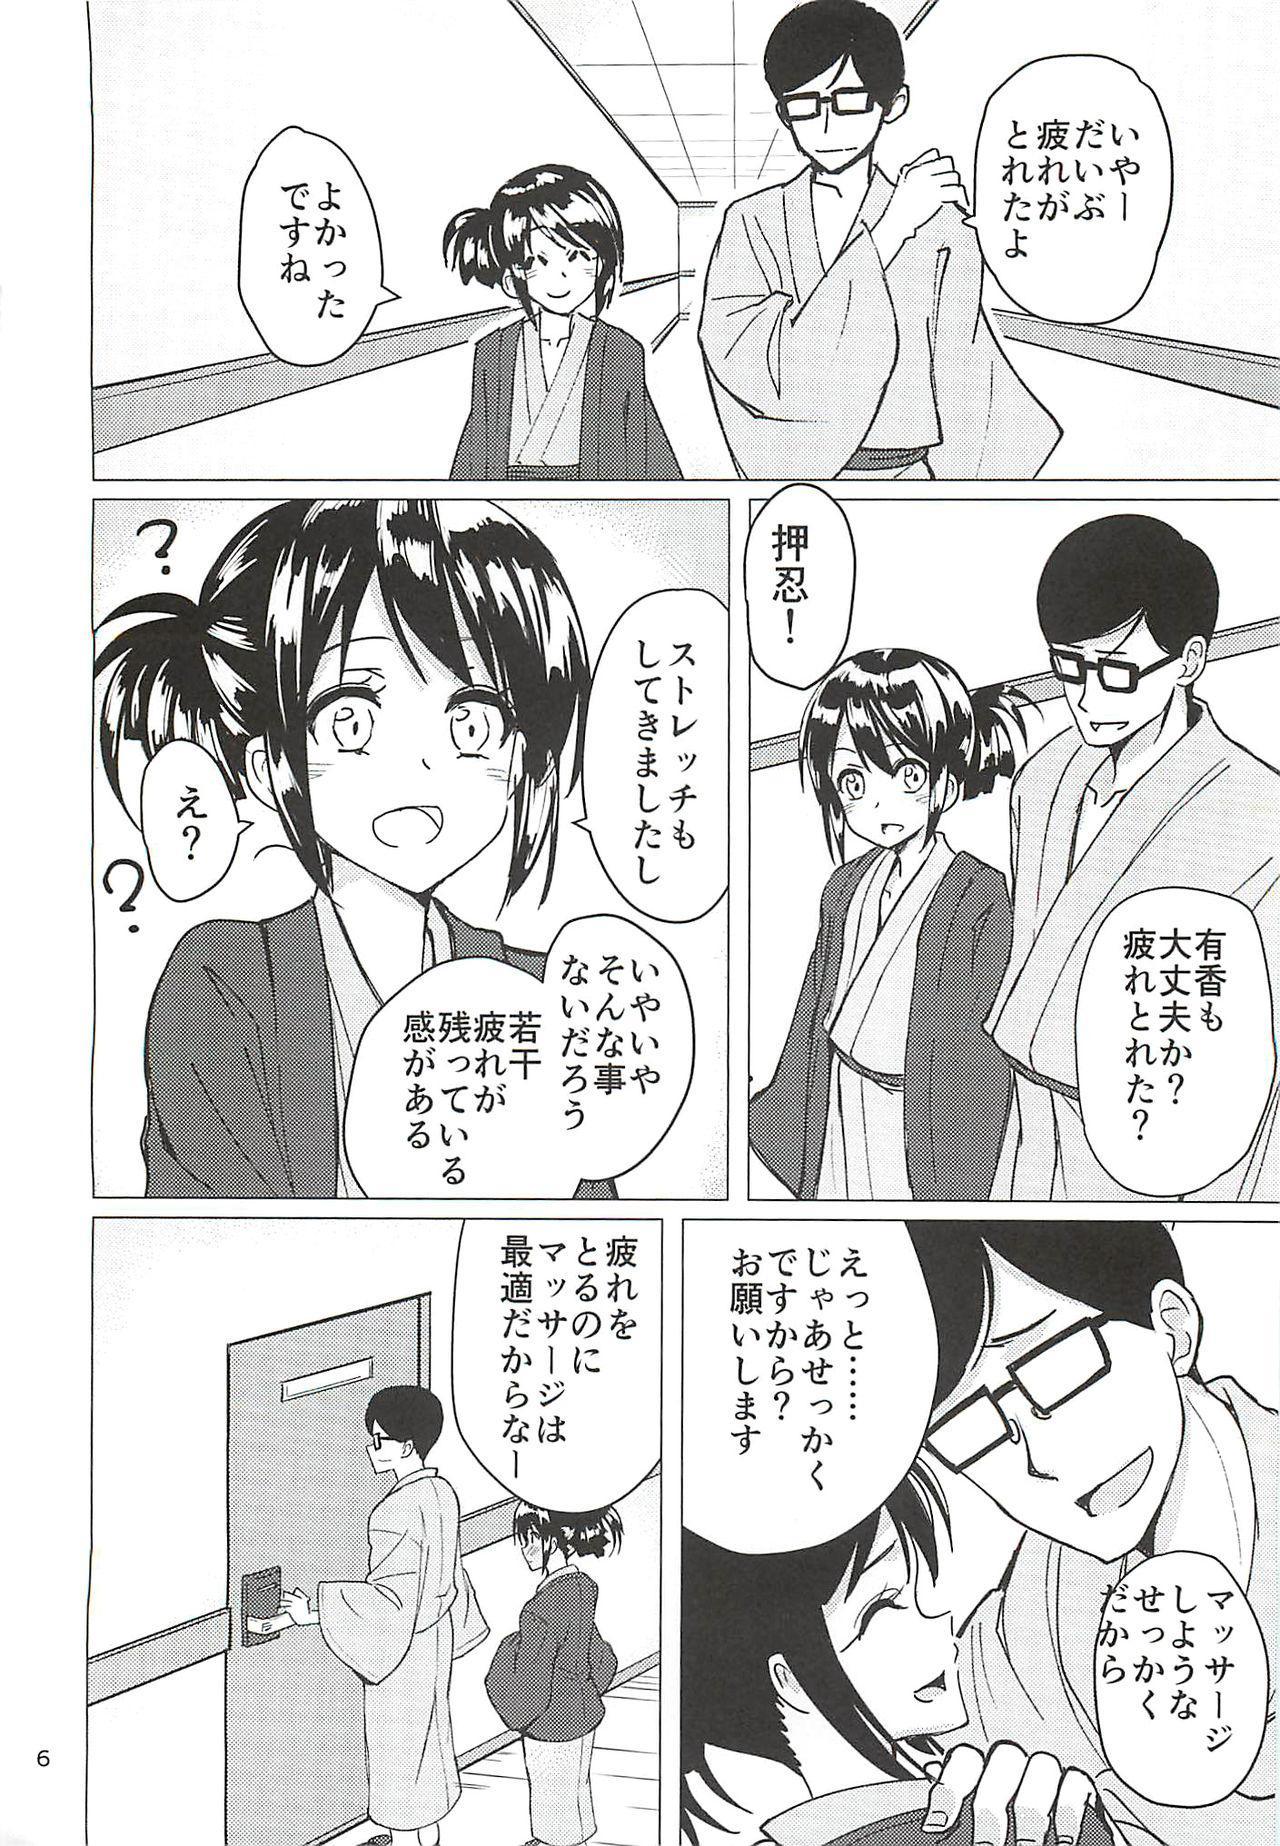 Nakano Yuka-chan to Shippori Muhuhu Suru Hon 3